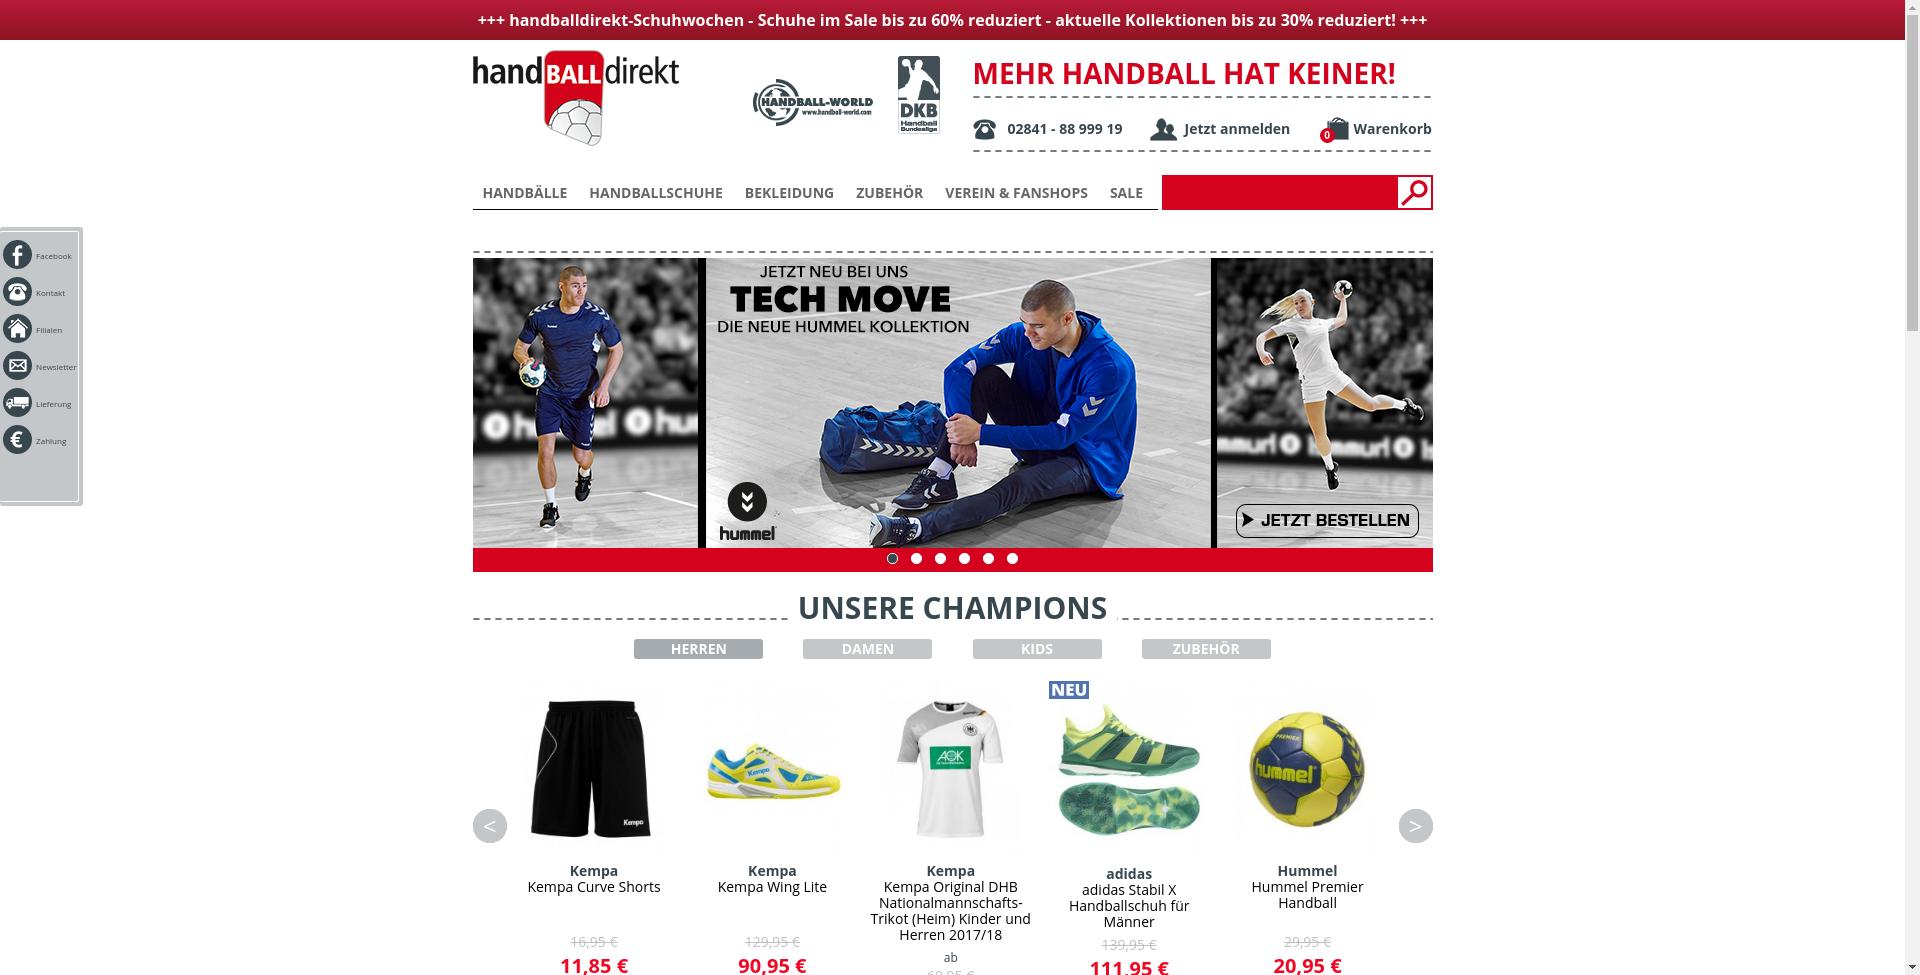 handballdirekt